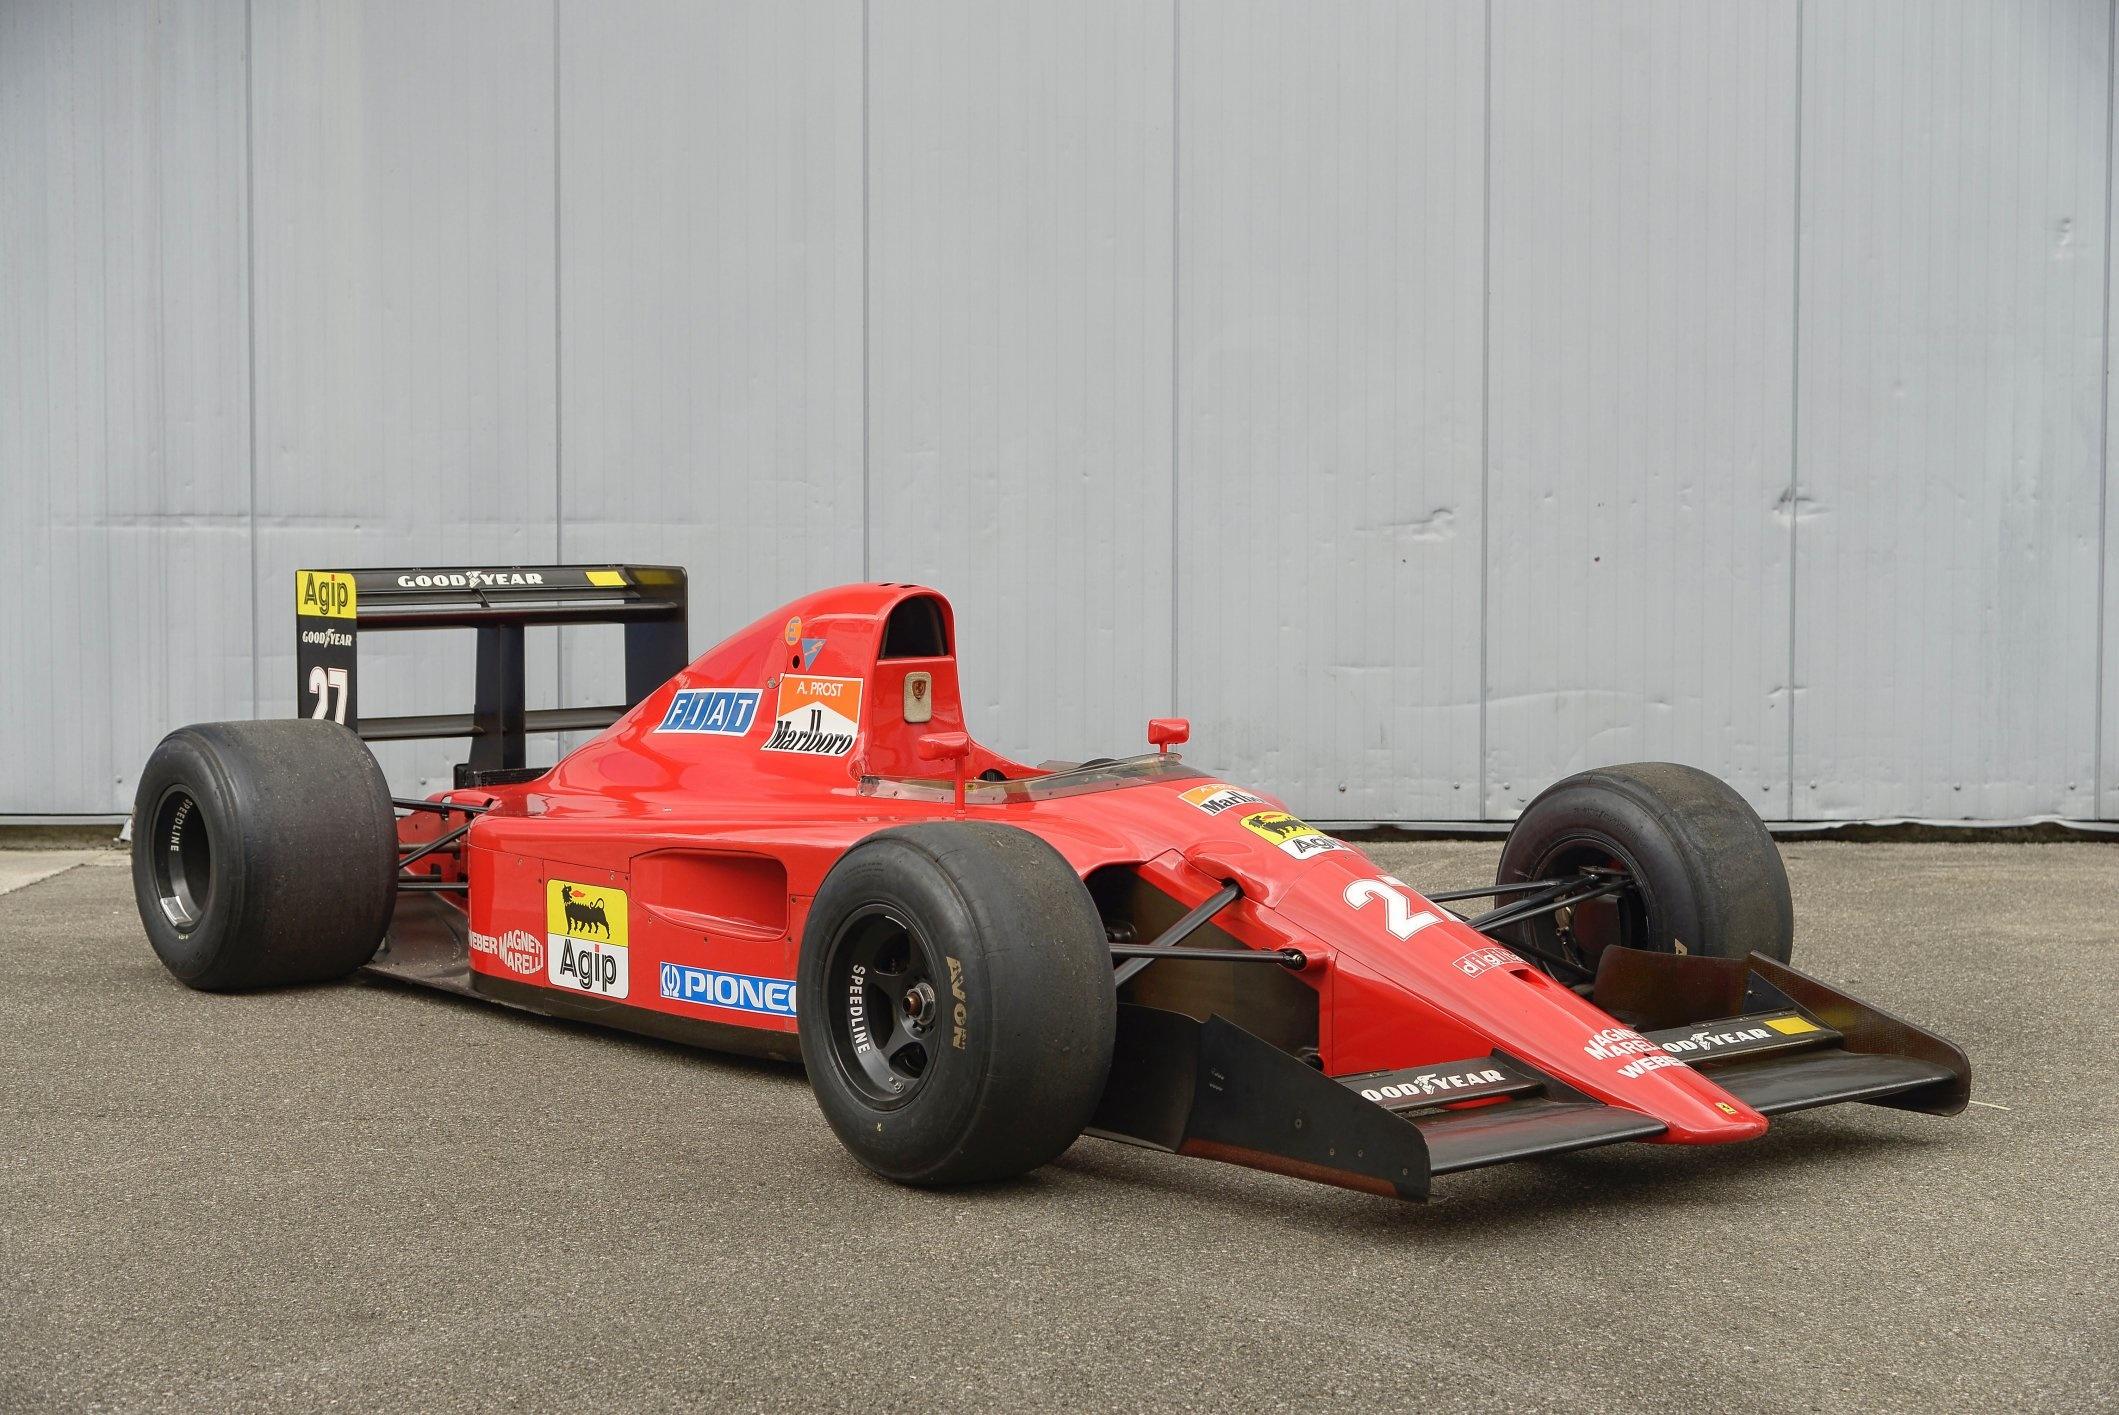 Ferrari F1 Revealed for Bonhams Single Owner